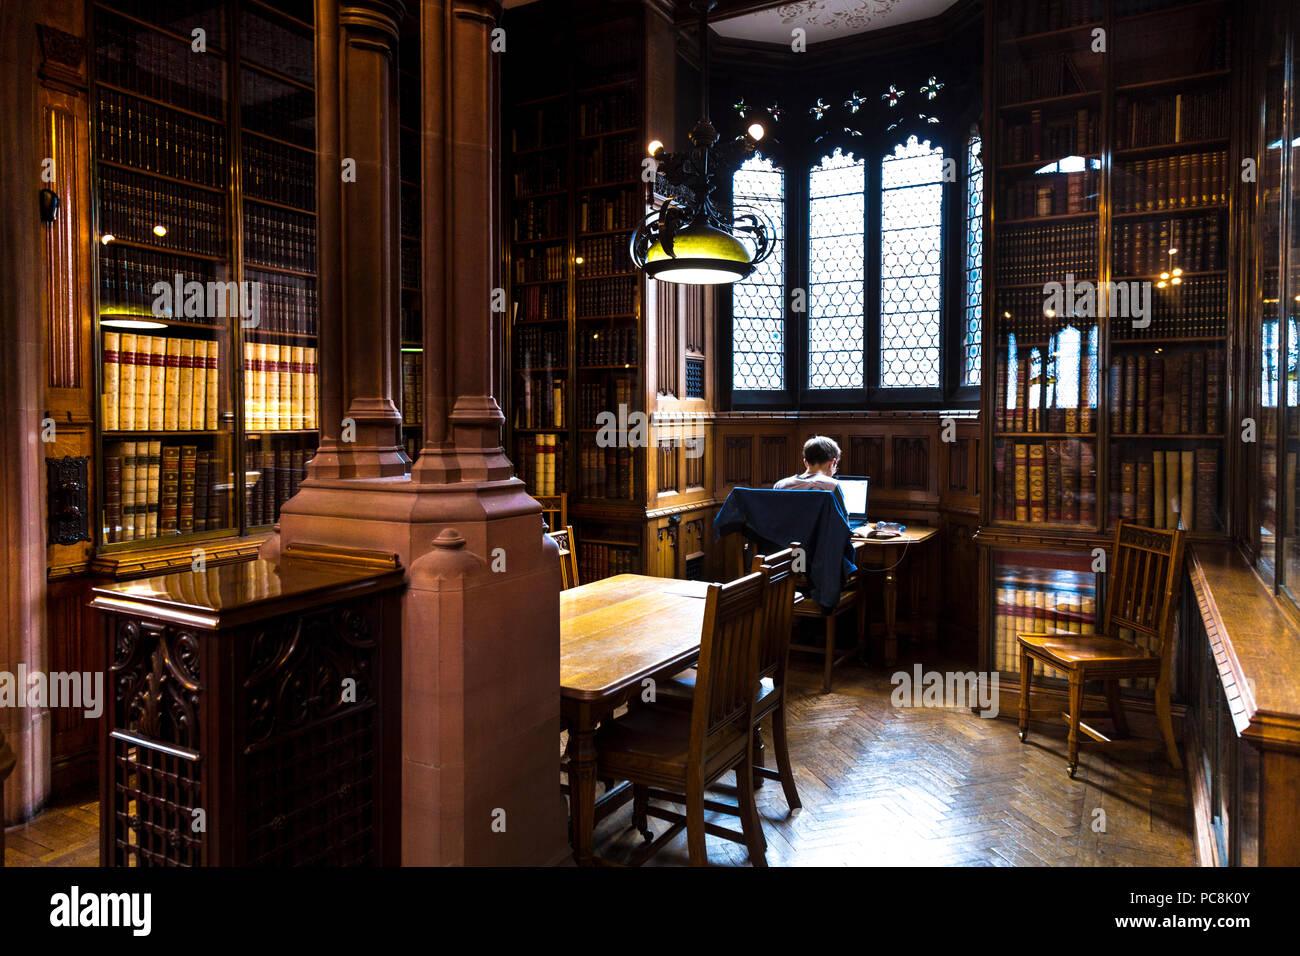 Hombre sentado con un portátil en una antigua biblioteca investigando, estudiando, Johny Rylands Library, Manchester, Reino Unido Imagen De Stock